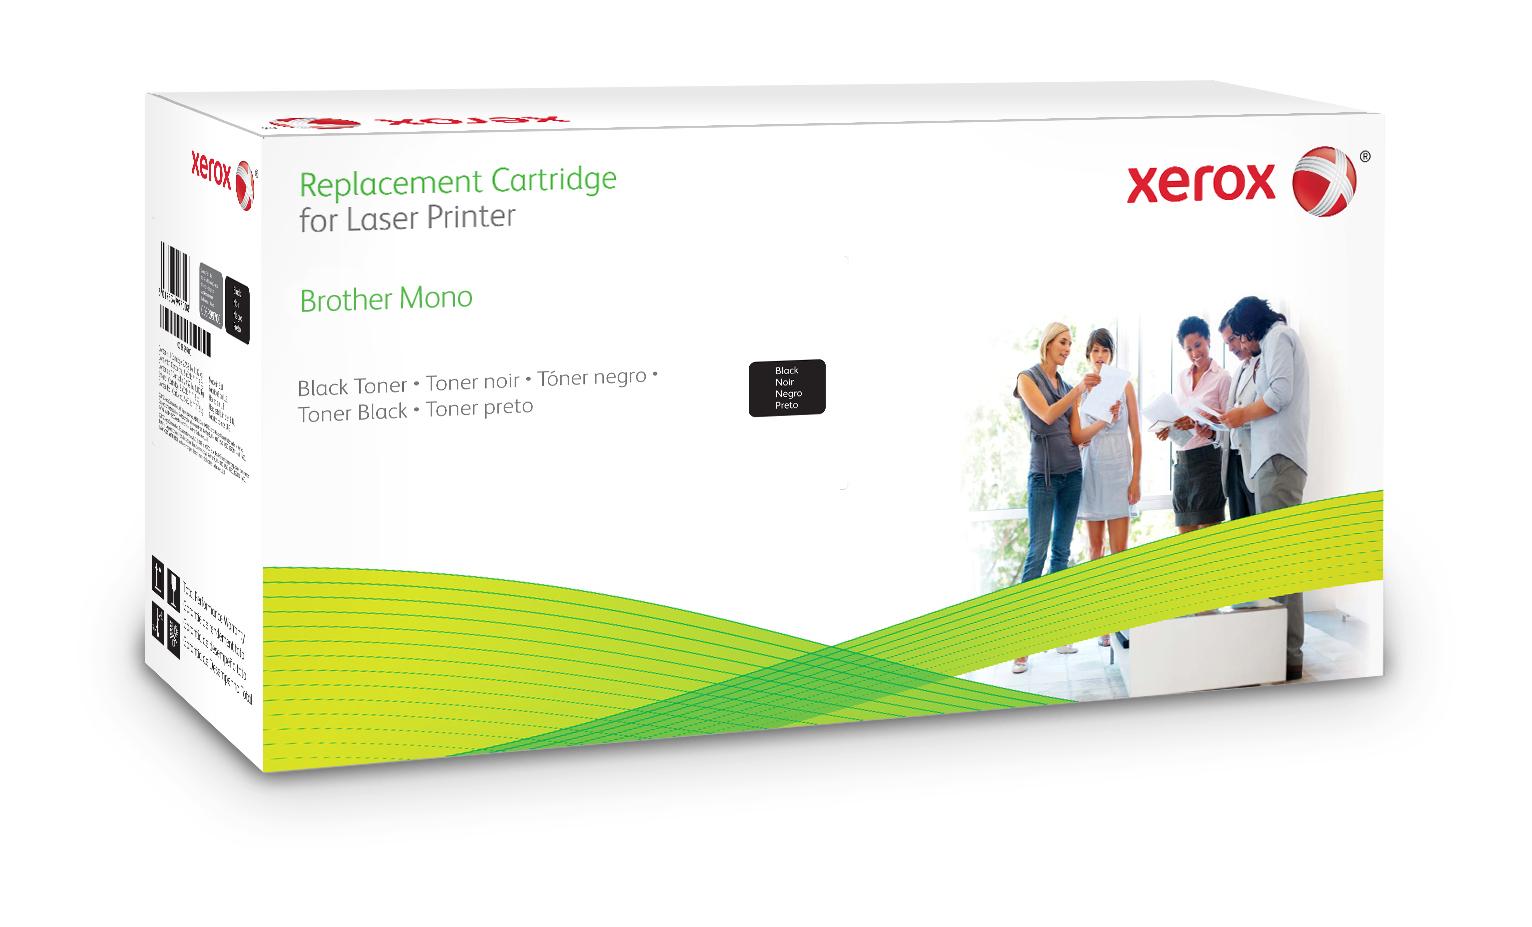 Xerox Tambor. Equivalente a Brother DR320cl. Compatible con Brother DPC-9055, DPC-9270/9270CDN, HL-4140/4140CN, 4150/4150CDN, 4570/4570CDW/4570CDWT, MFC-9460/9460CDN, 9465/9465CDN, 9970/9970CDW